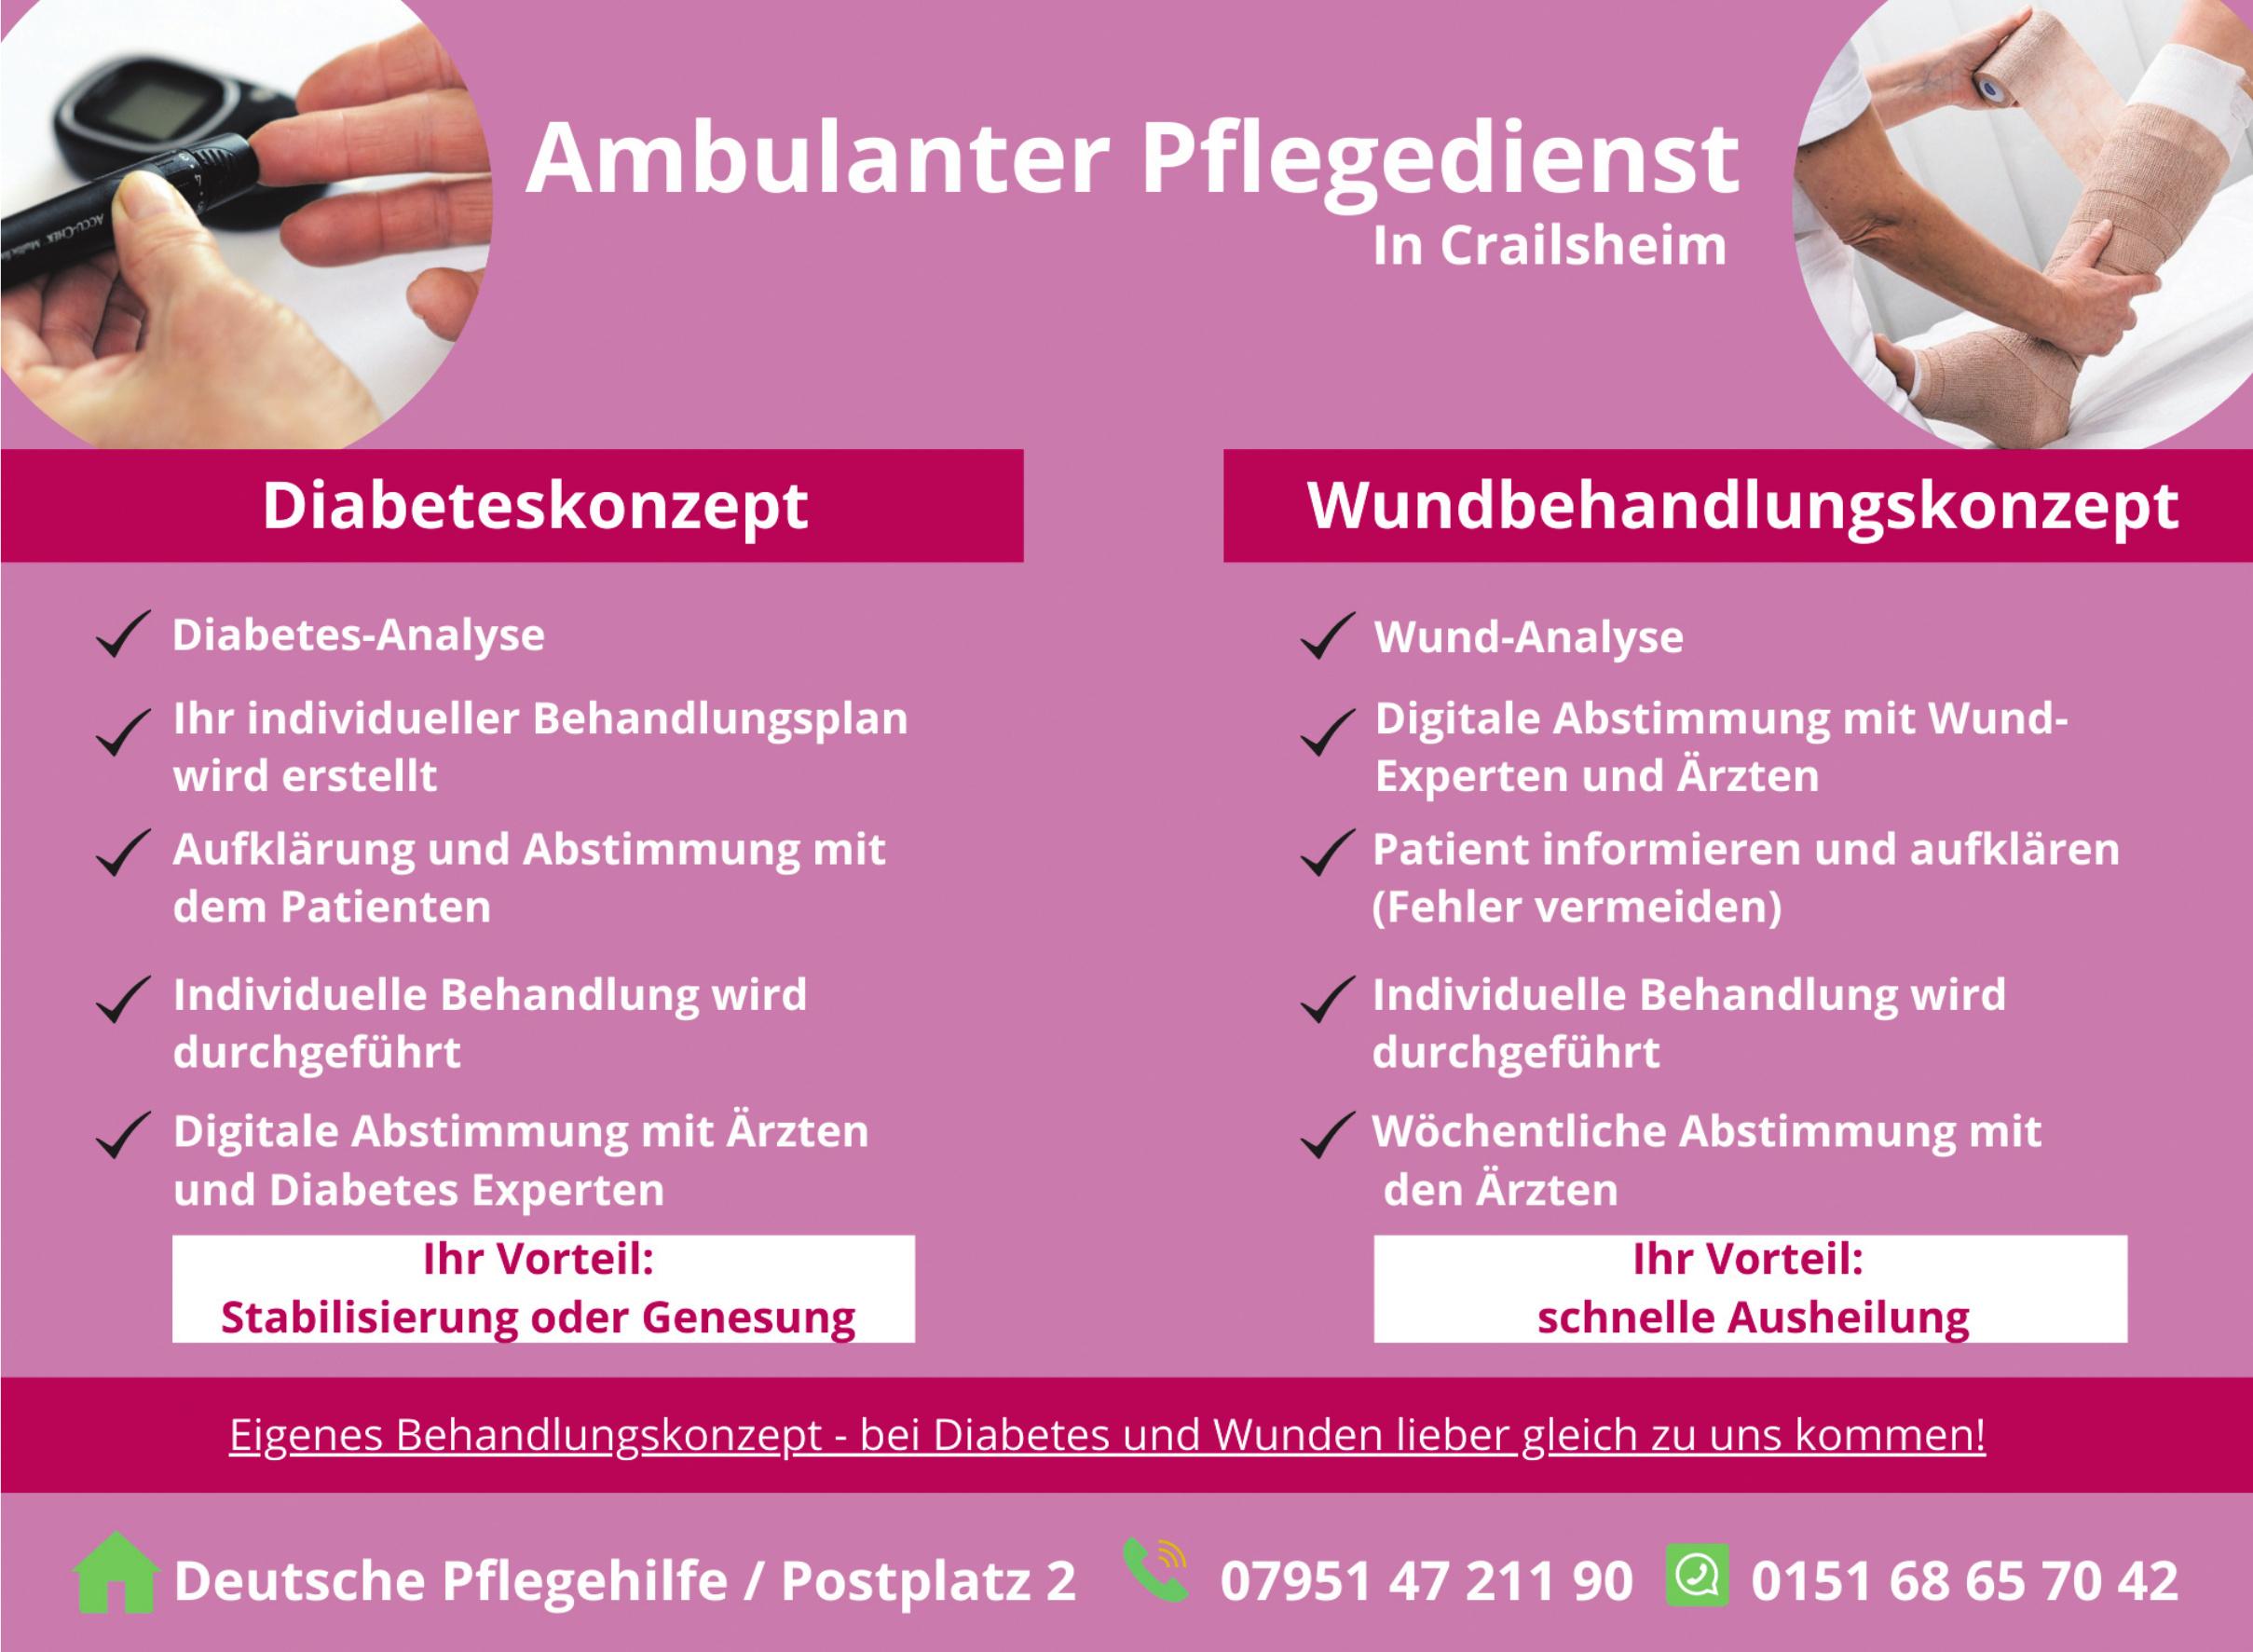 Deutsche Pflegehilfe